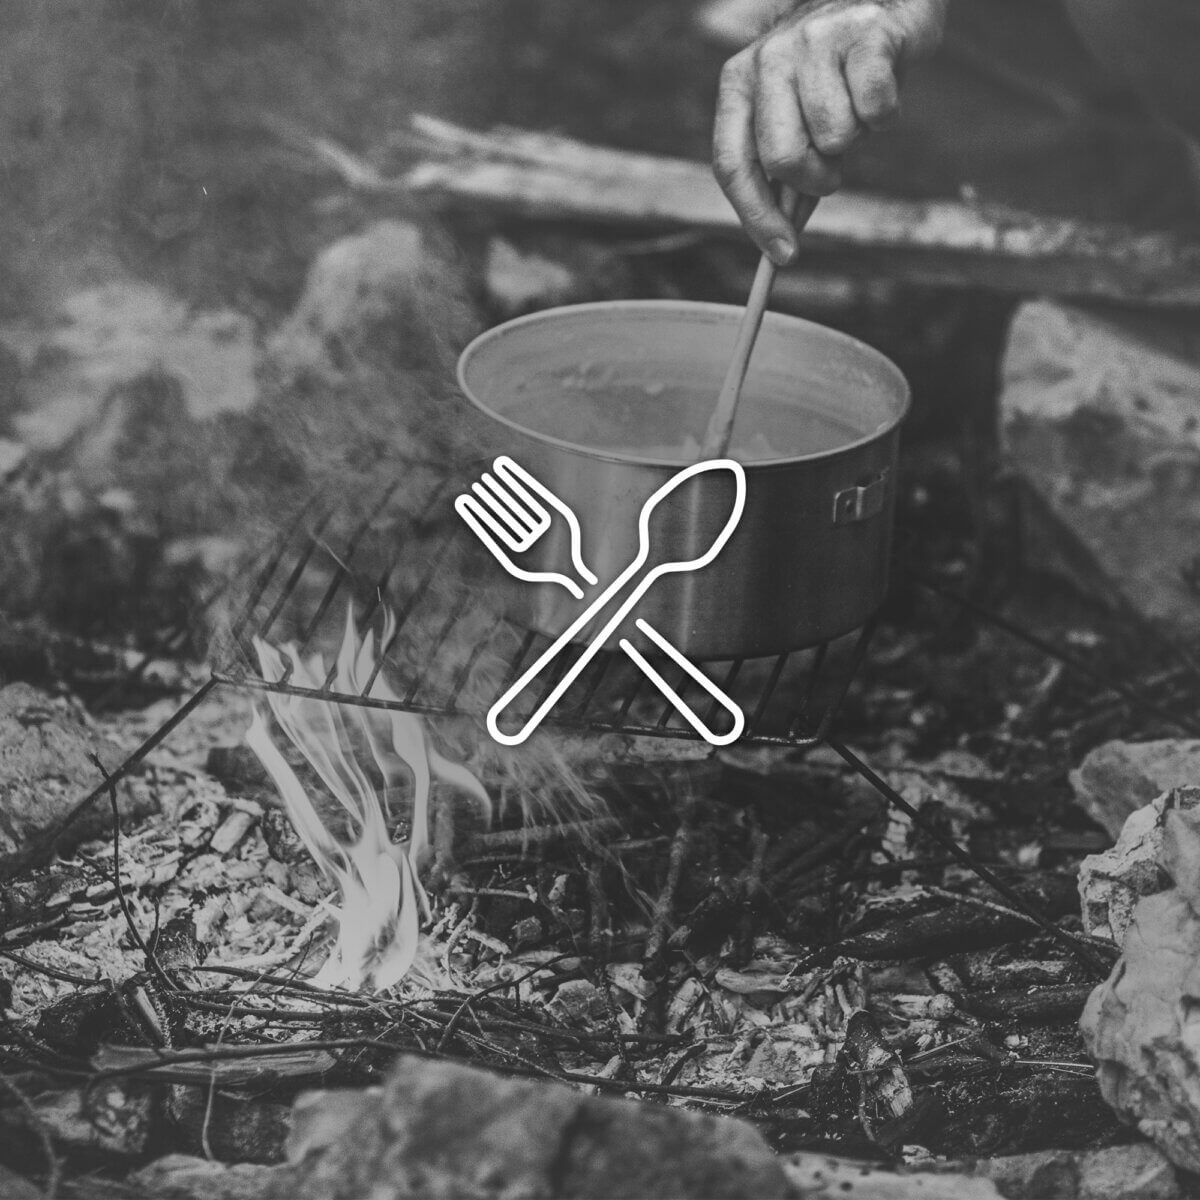 Campingutensilien, Besteck, Geschirr